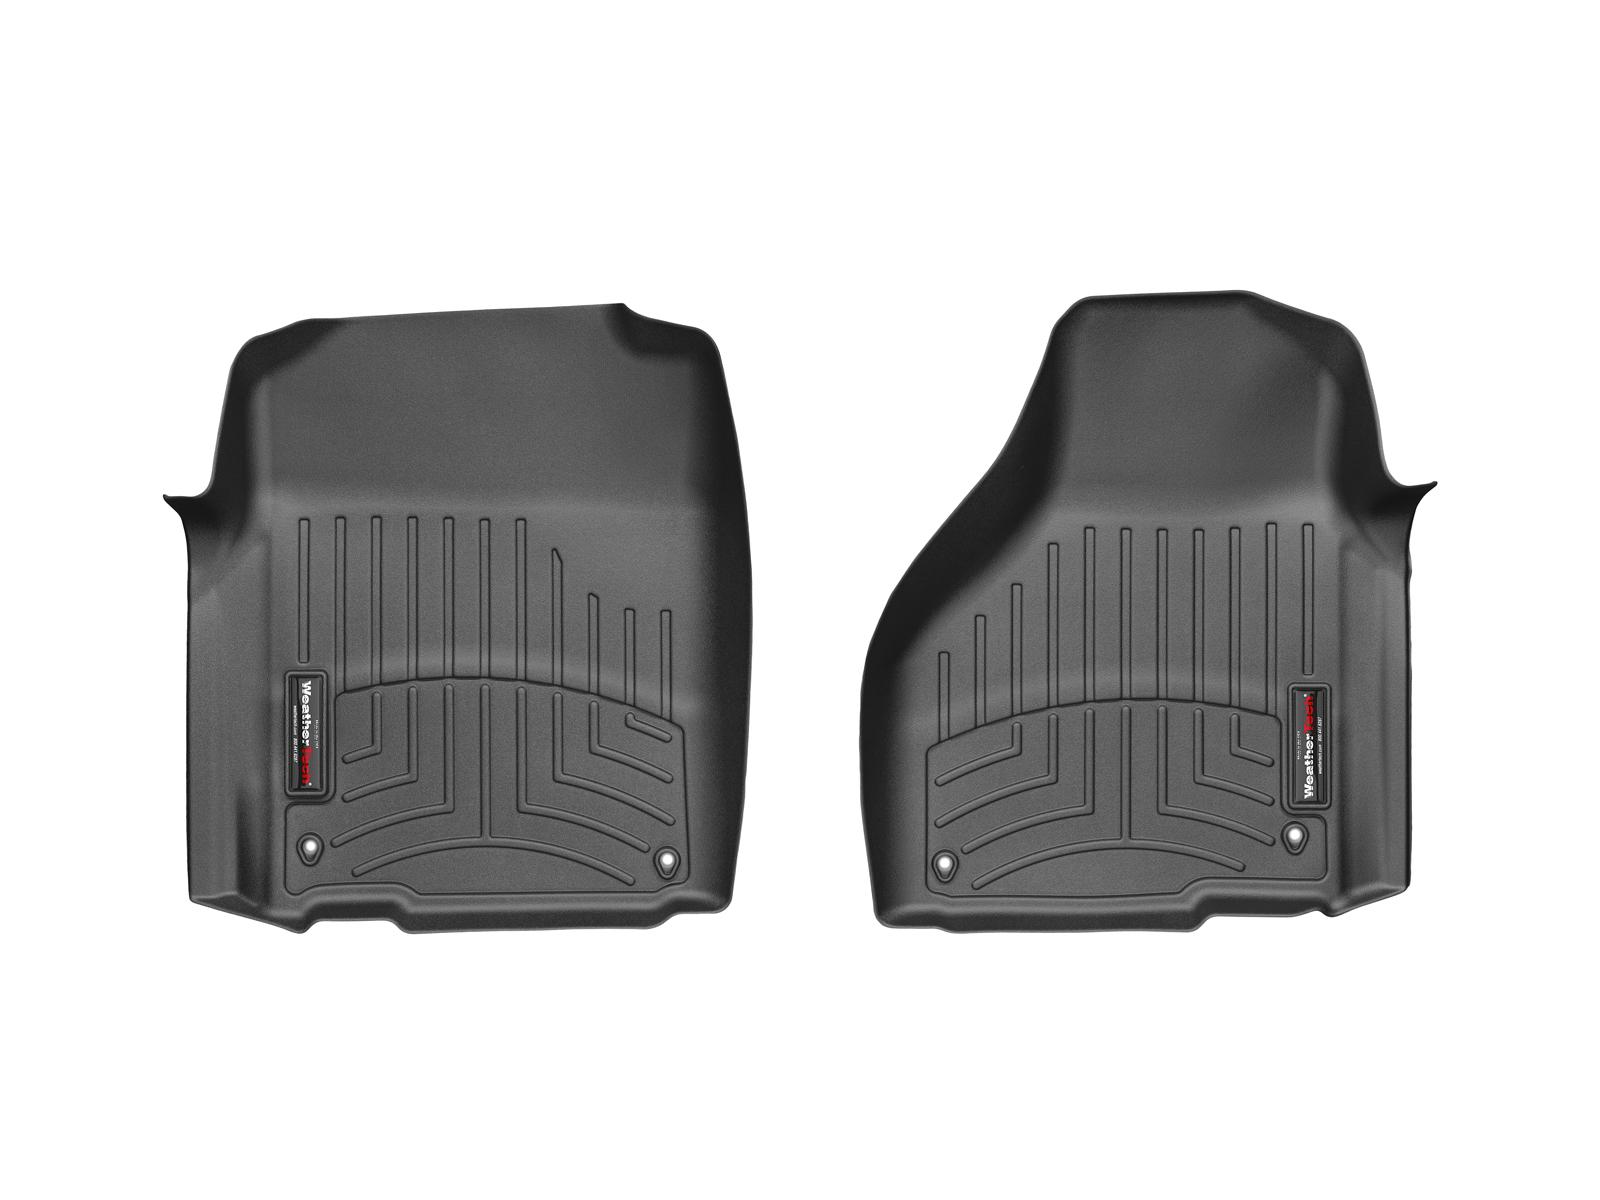 Tappeti gomma su misura bordo alto RAM Ram 2500/3500 12>12 Nero A3212